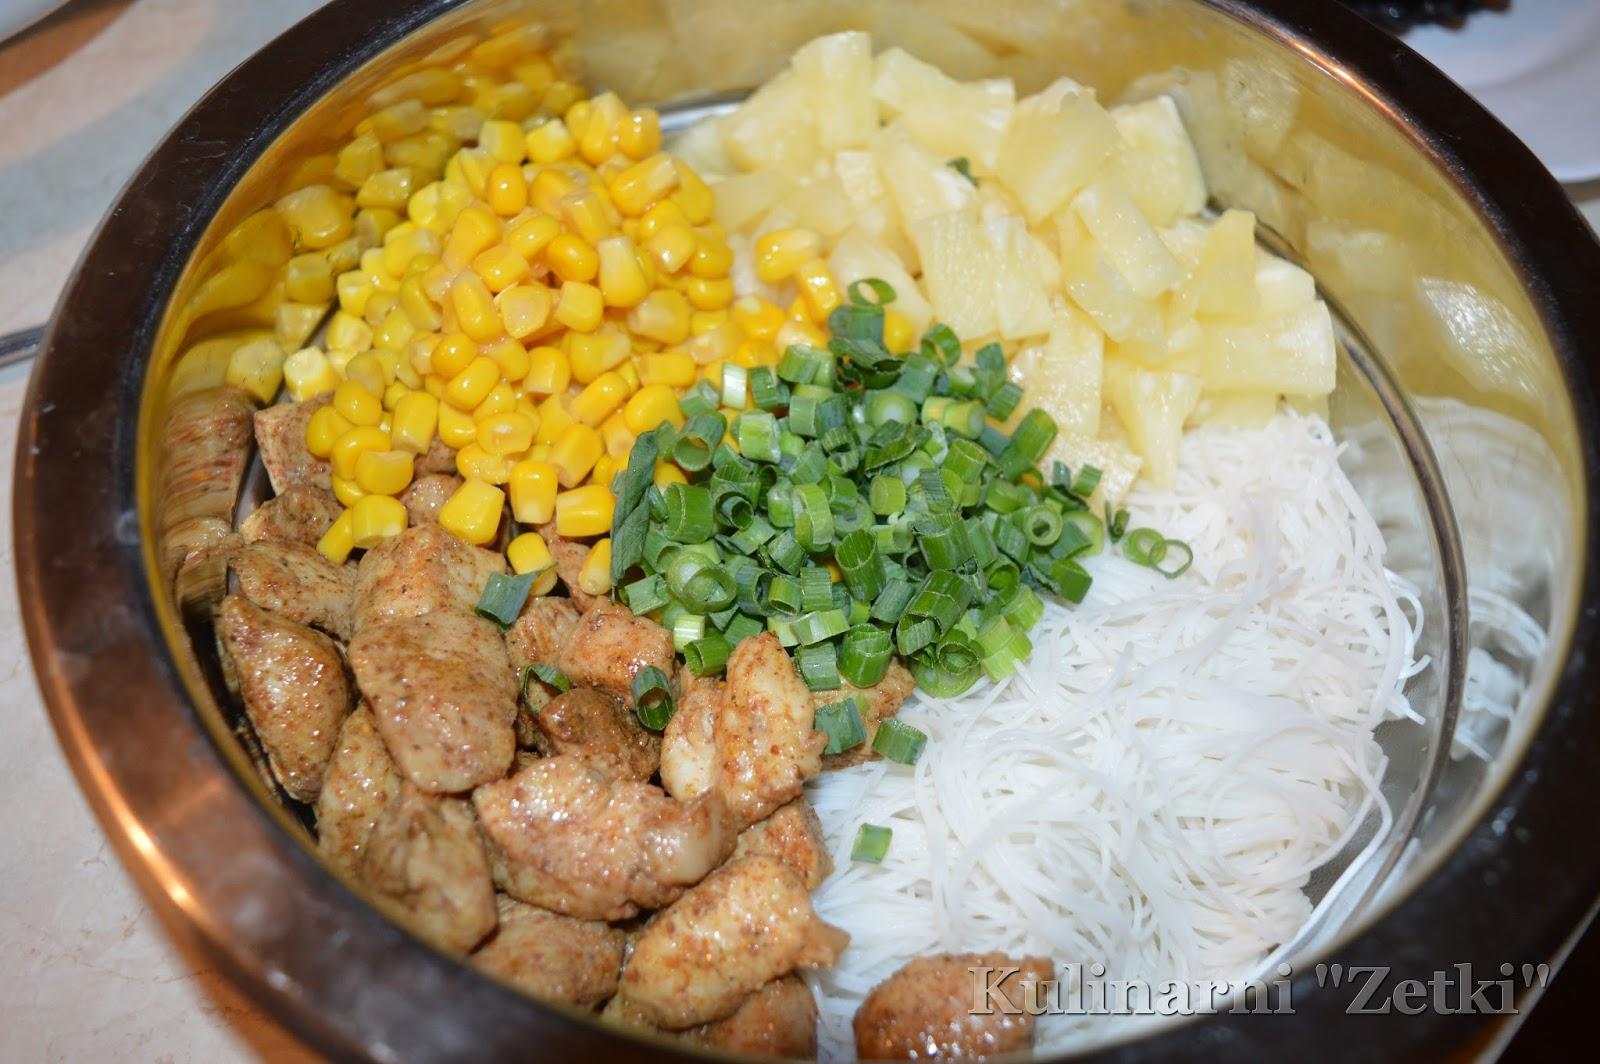 Kulinarni Czyli Uczniowie Zetki Pichca Salatka Z Makaronem